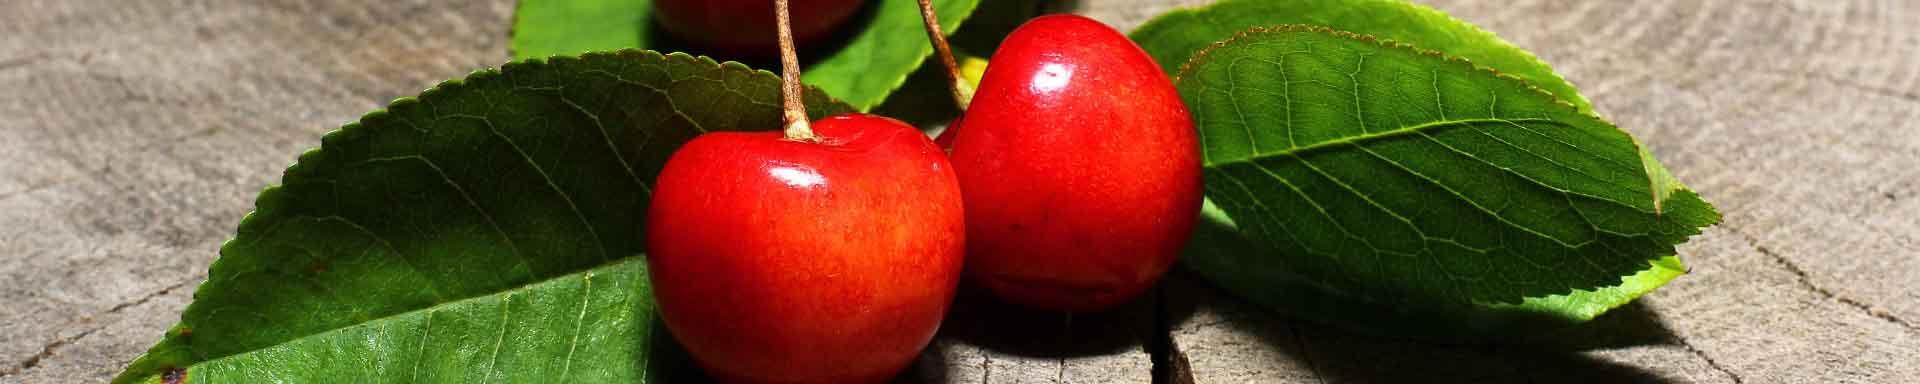 Piante ornamentali da giardino alberi da frutto vendita for Vendita alberi da giardino online